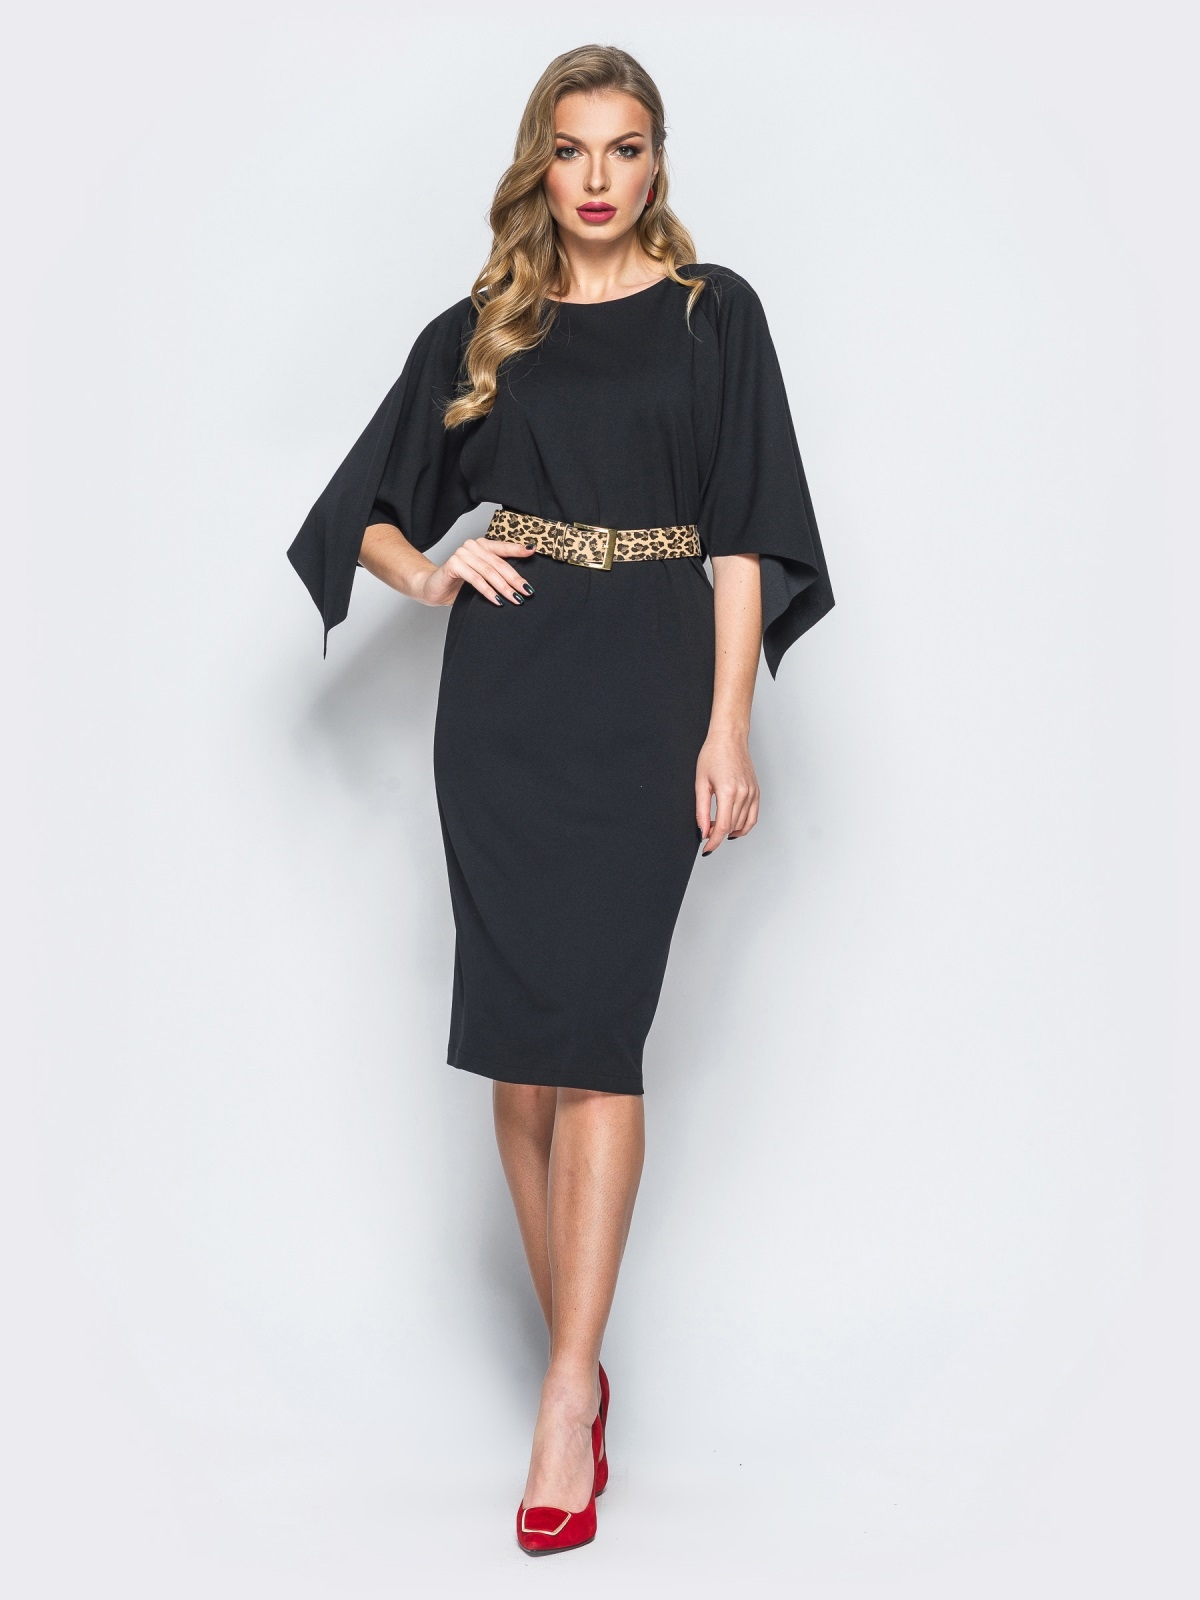 Платье черного цвета с леопардовым поясом в комплекте - 17941, фото 1 – интернет-магазин Dressa